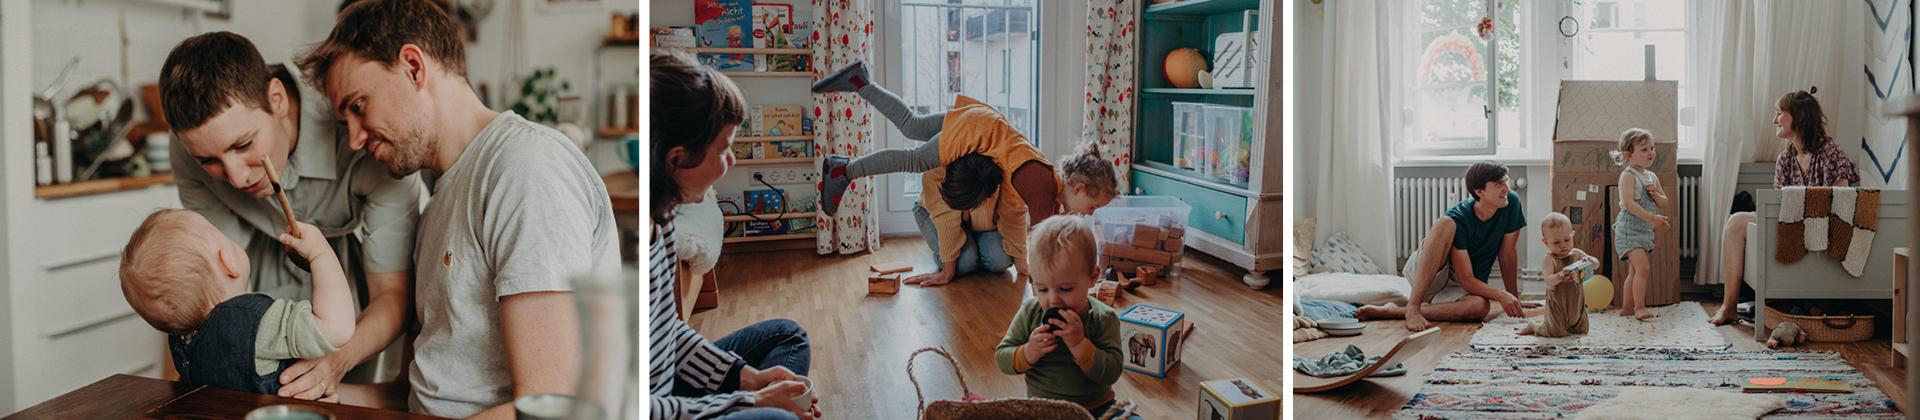 Wer ist der beste Familienfotograf in Freiburg?